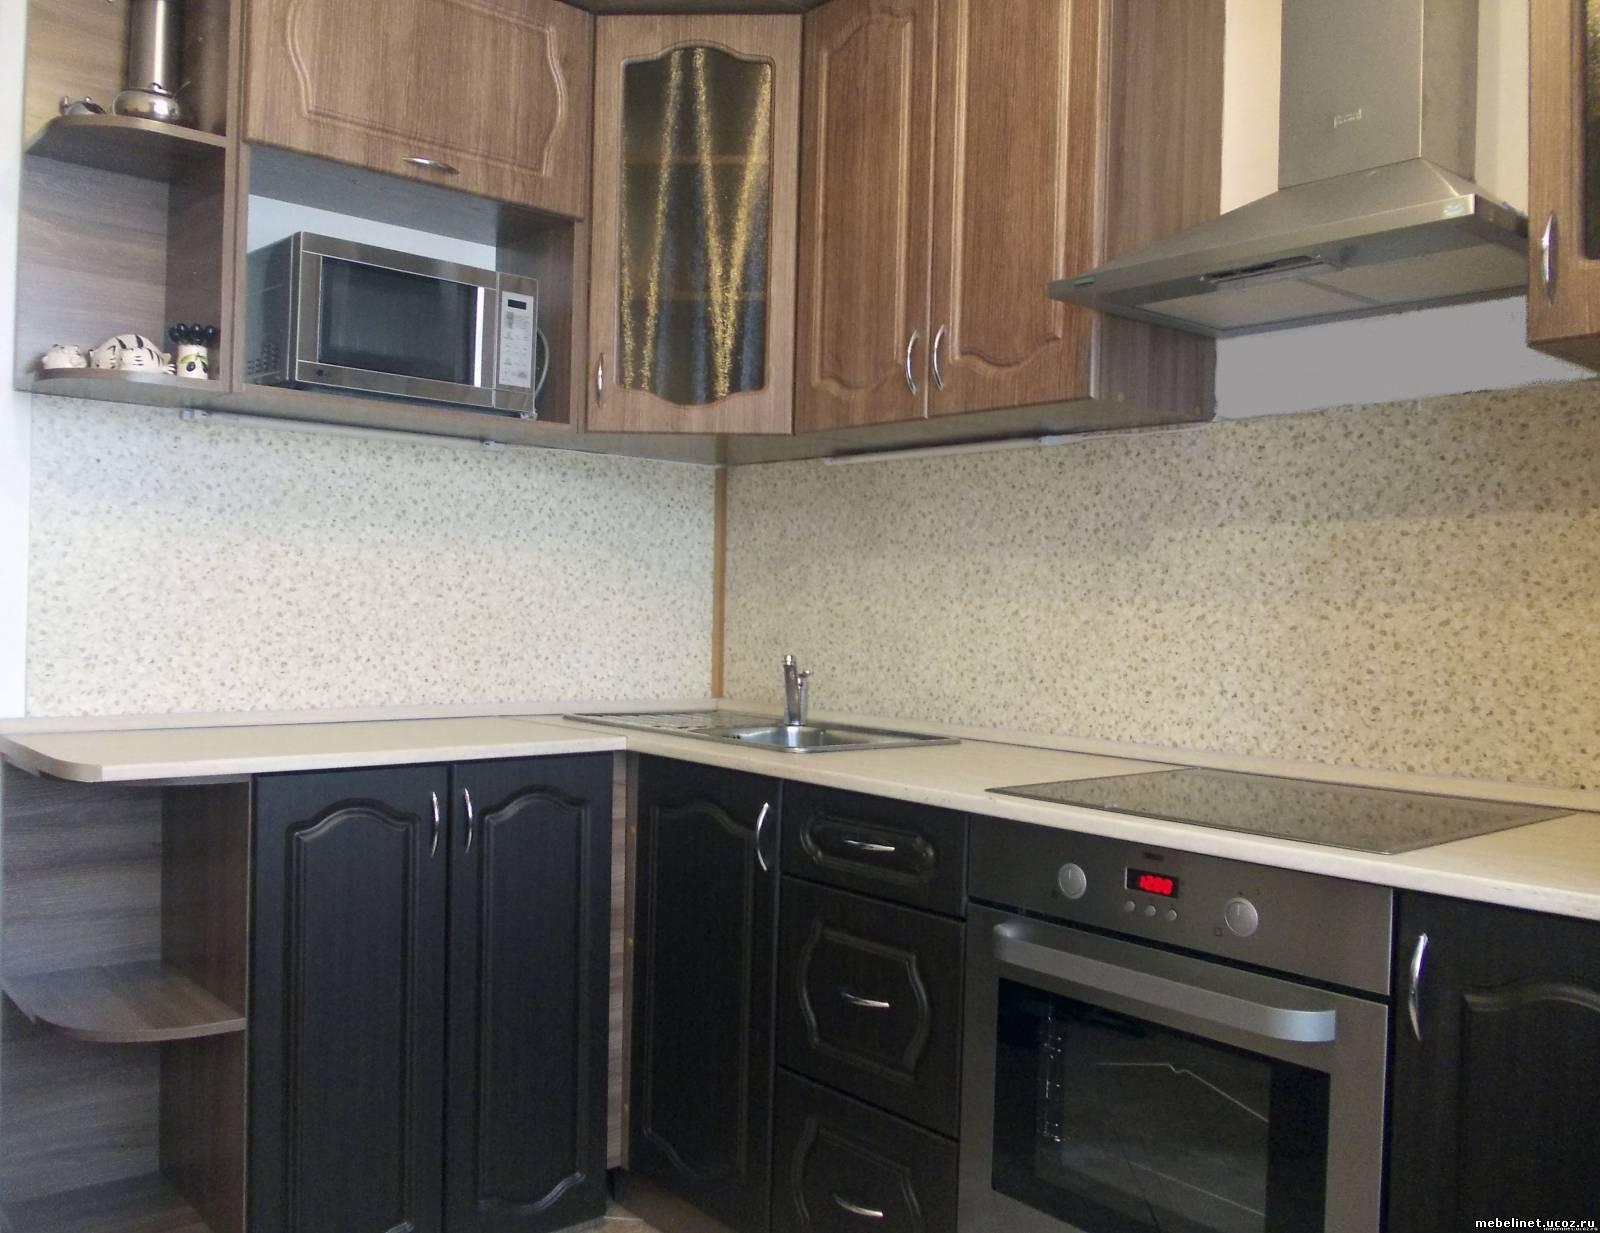 26 04 2012 кухонный гарнитур угловой